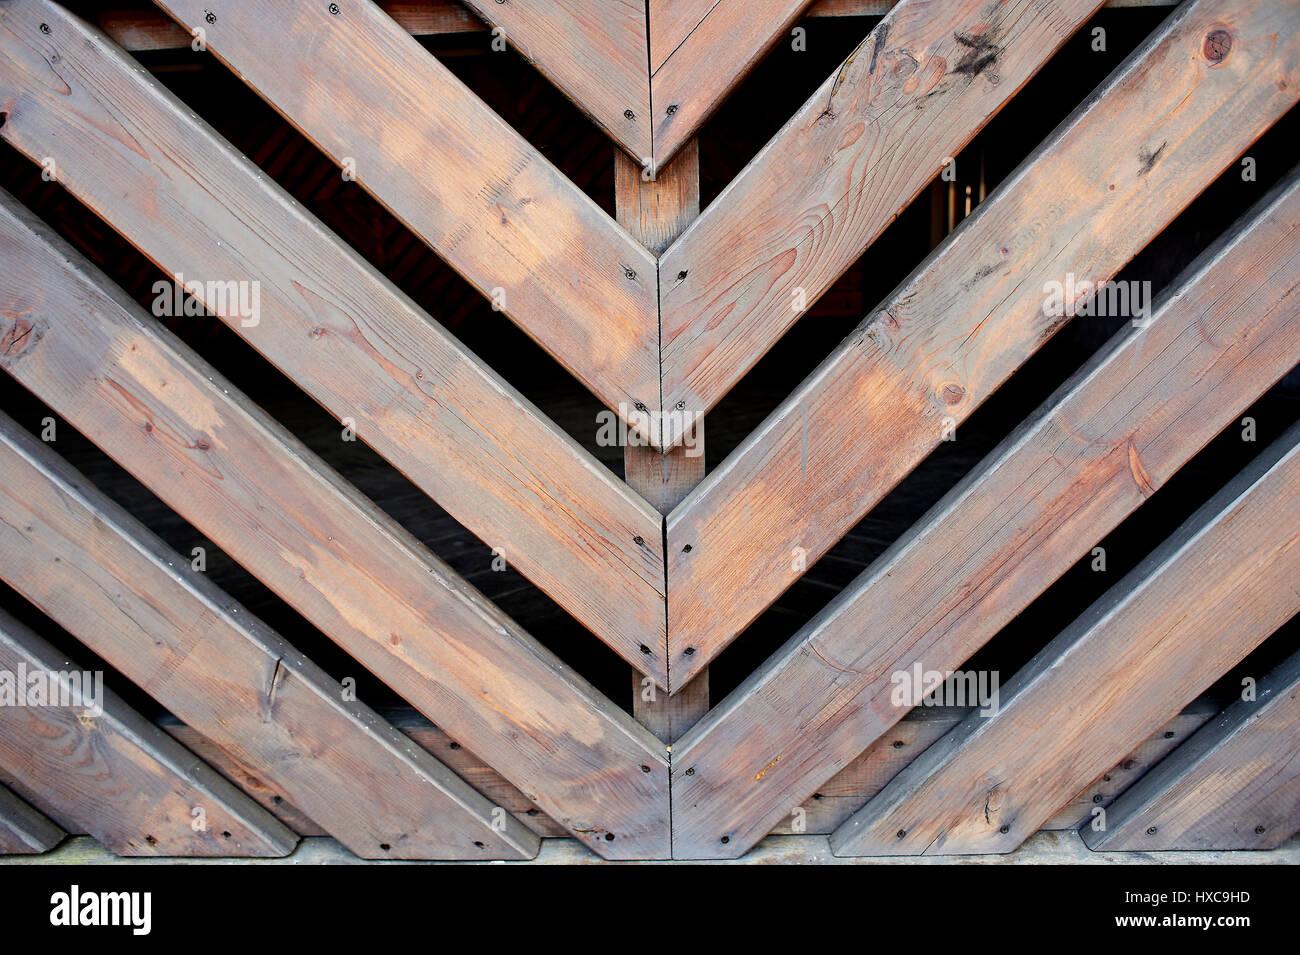 Assi Di Legno Hd : Obliqua di assicelle di legno legato in corrispondenza di un